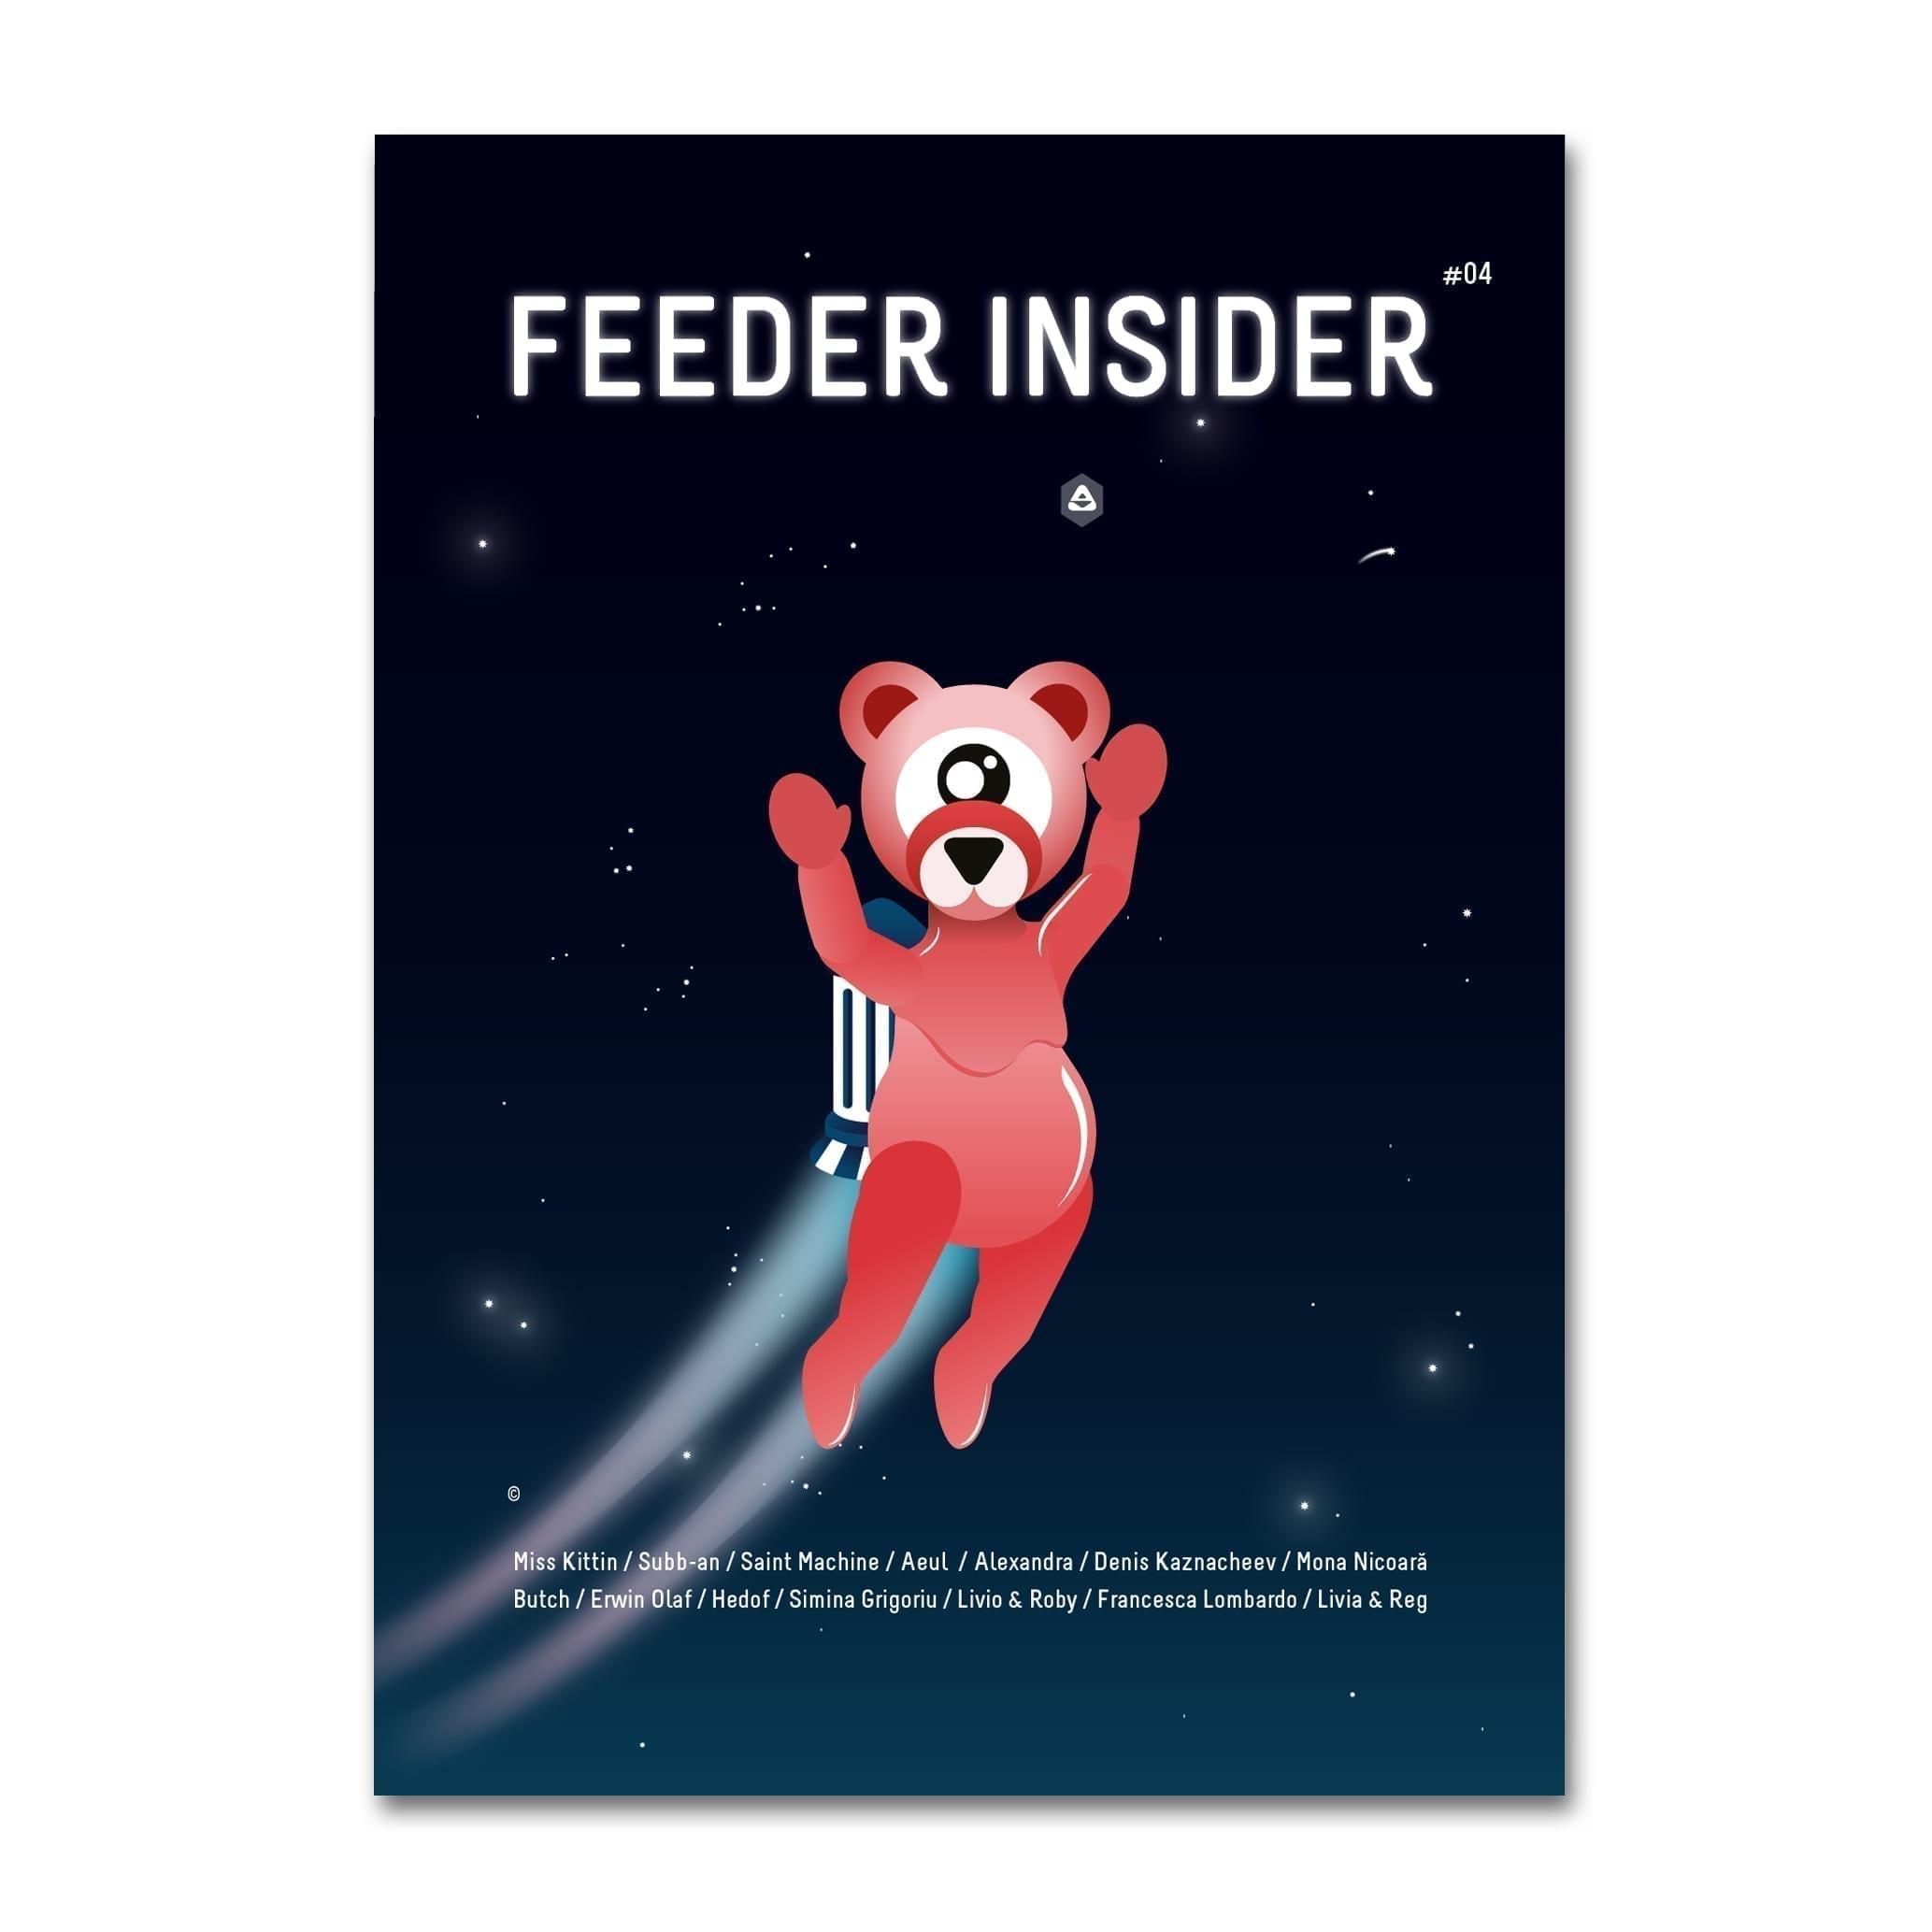 feeder insider e-book #04